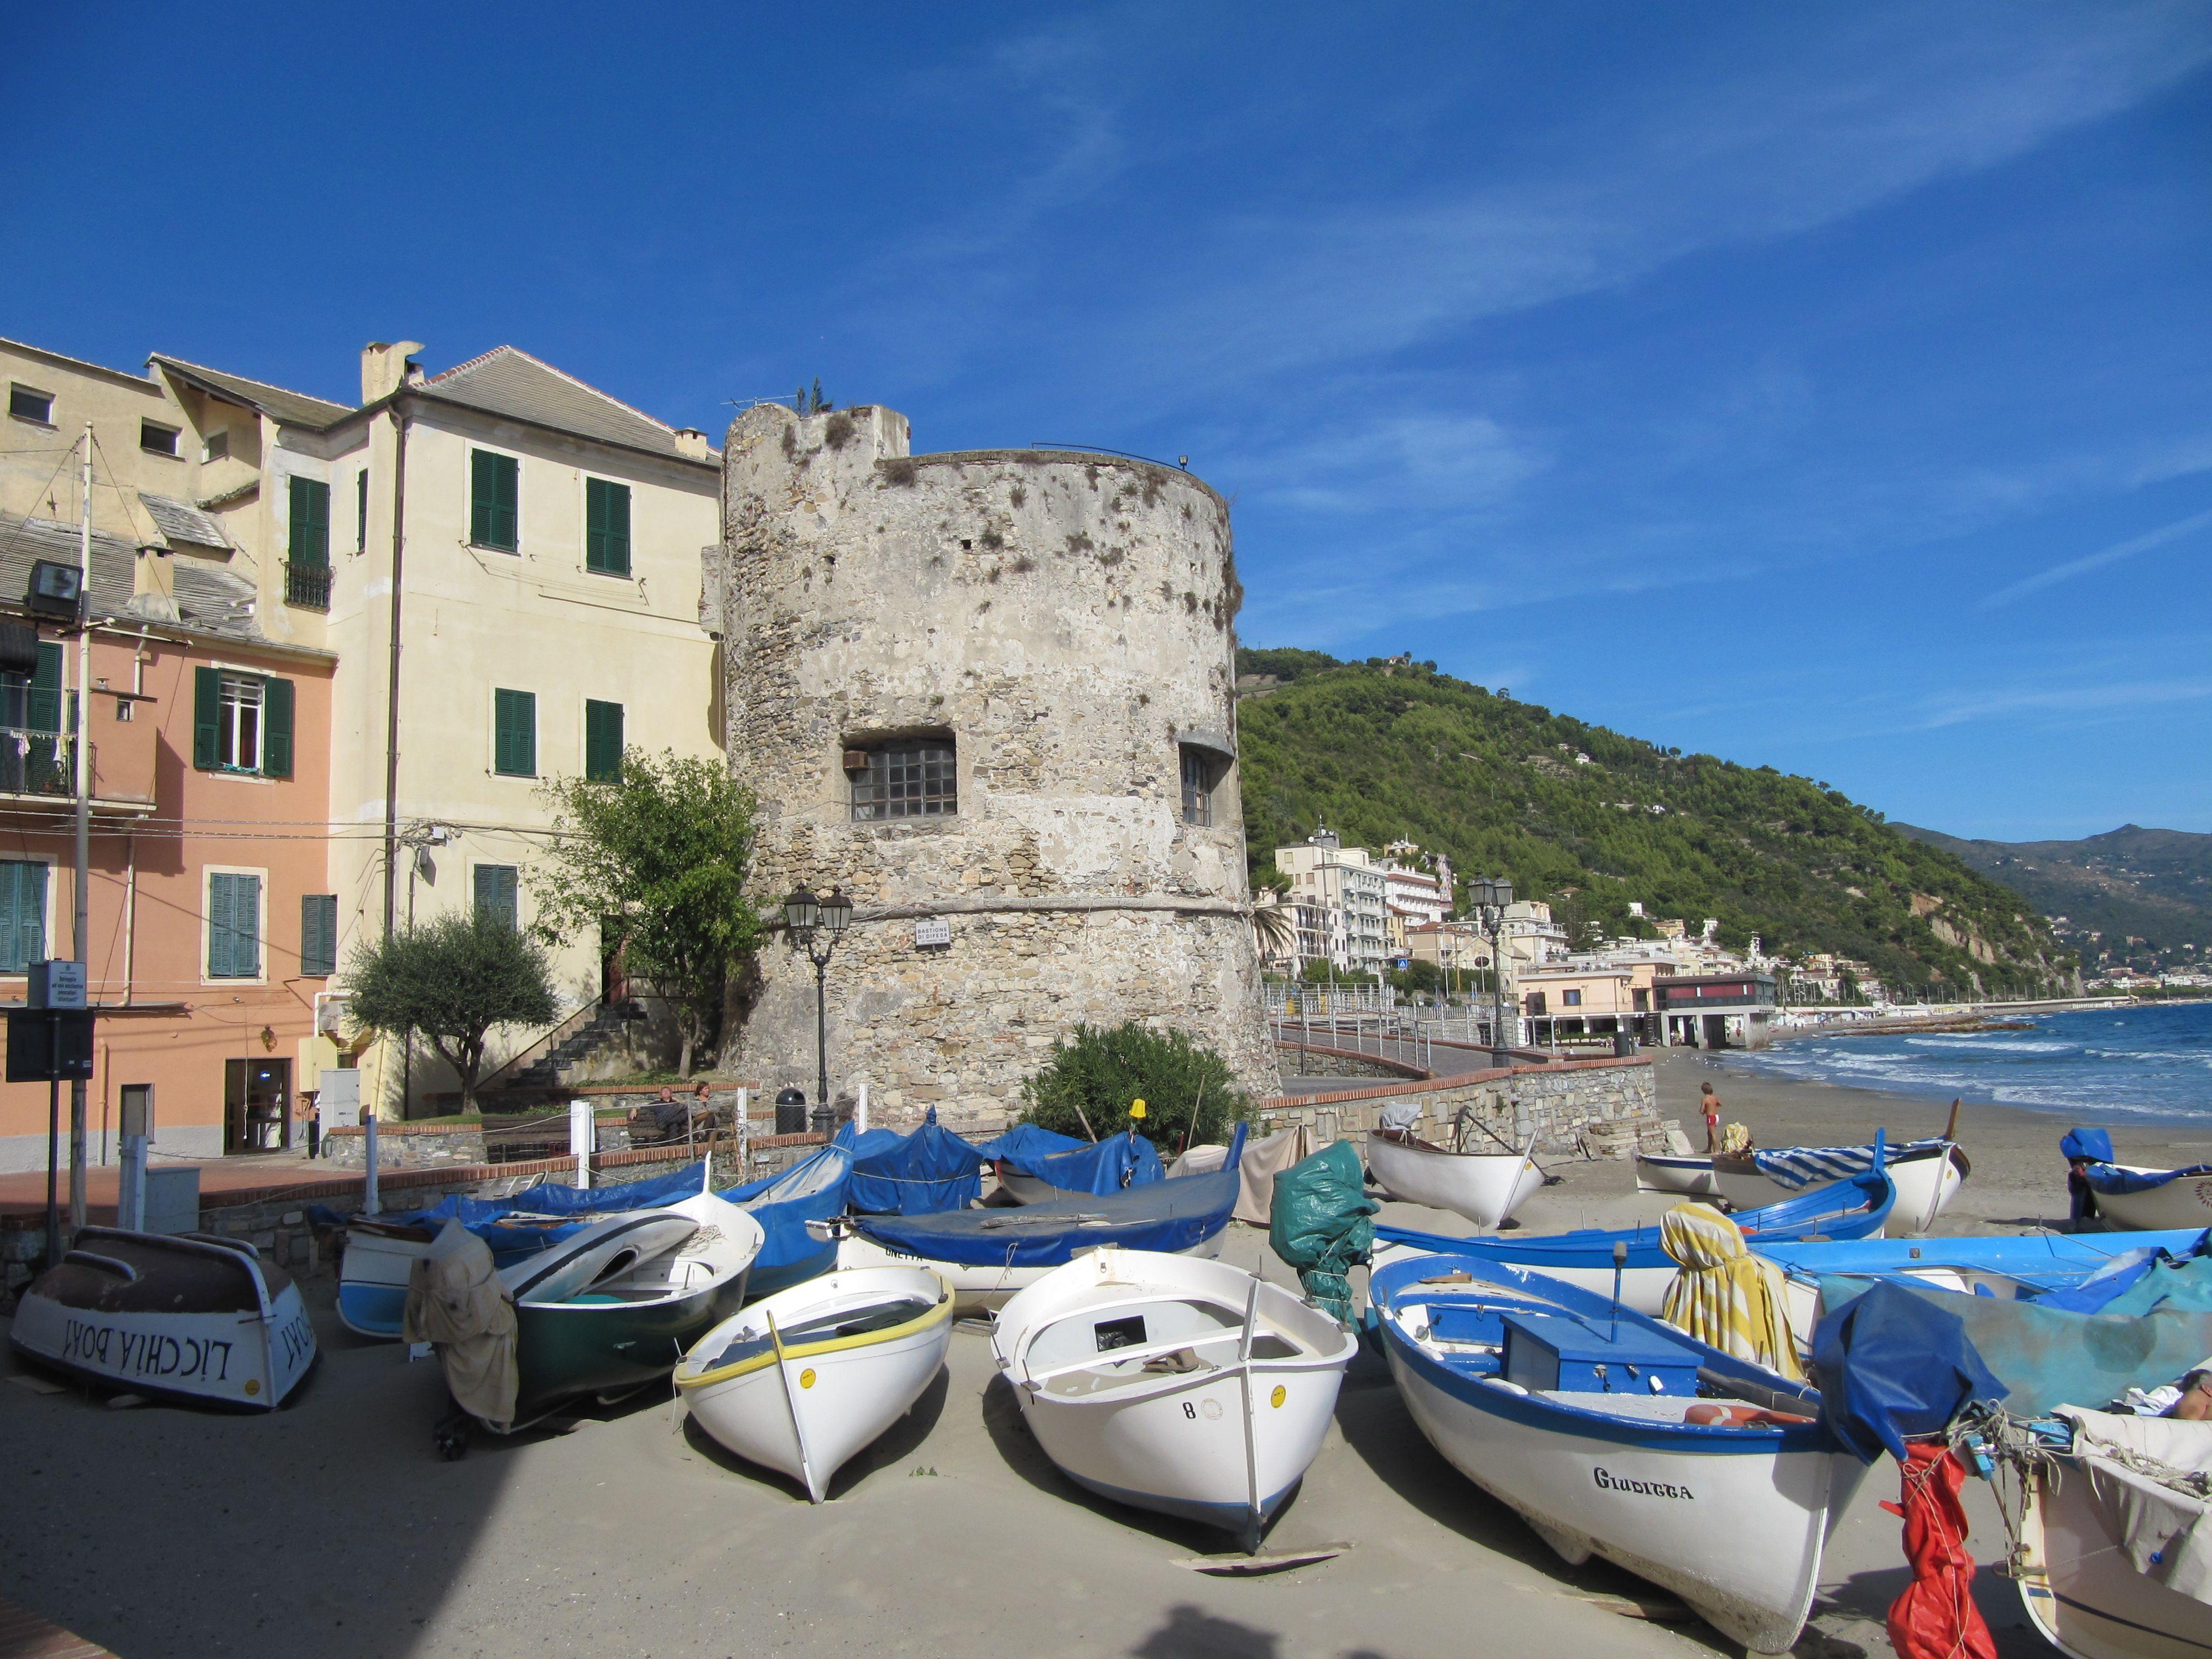 laigueglia | QuiLaigueglia | Italy, Italia e Places